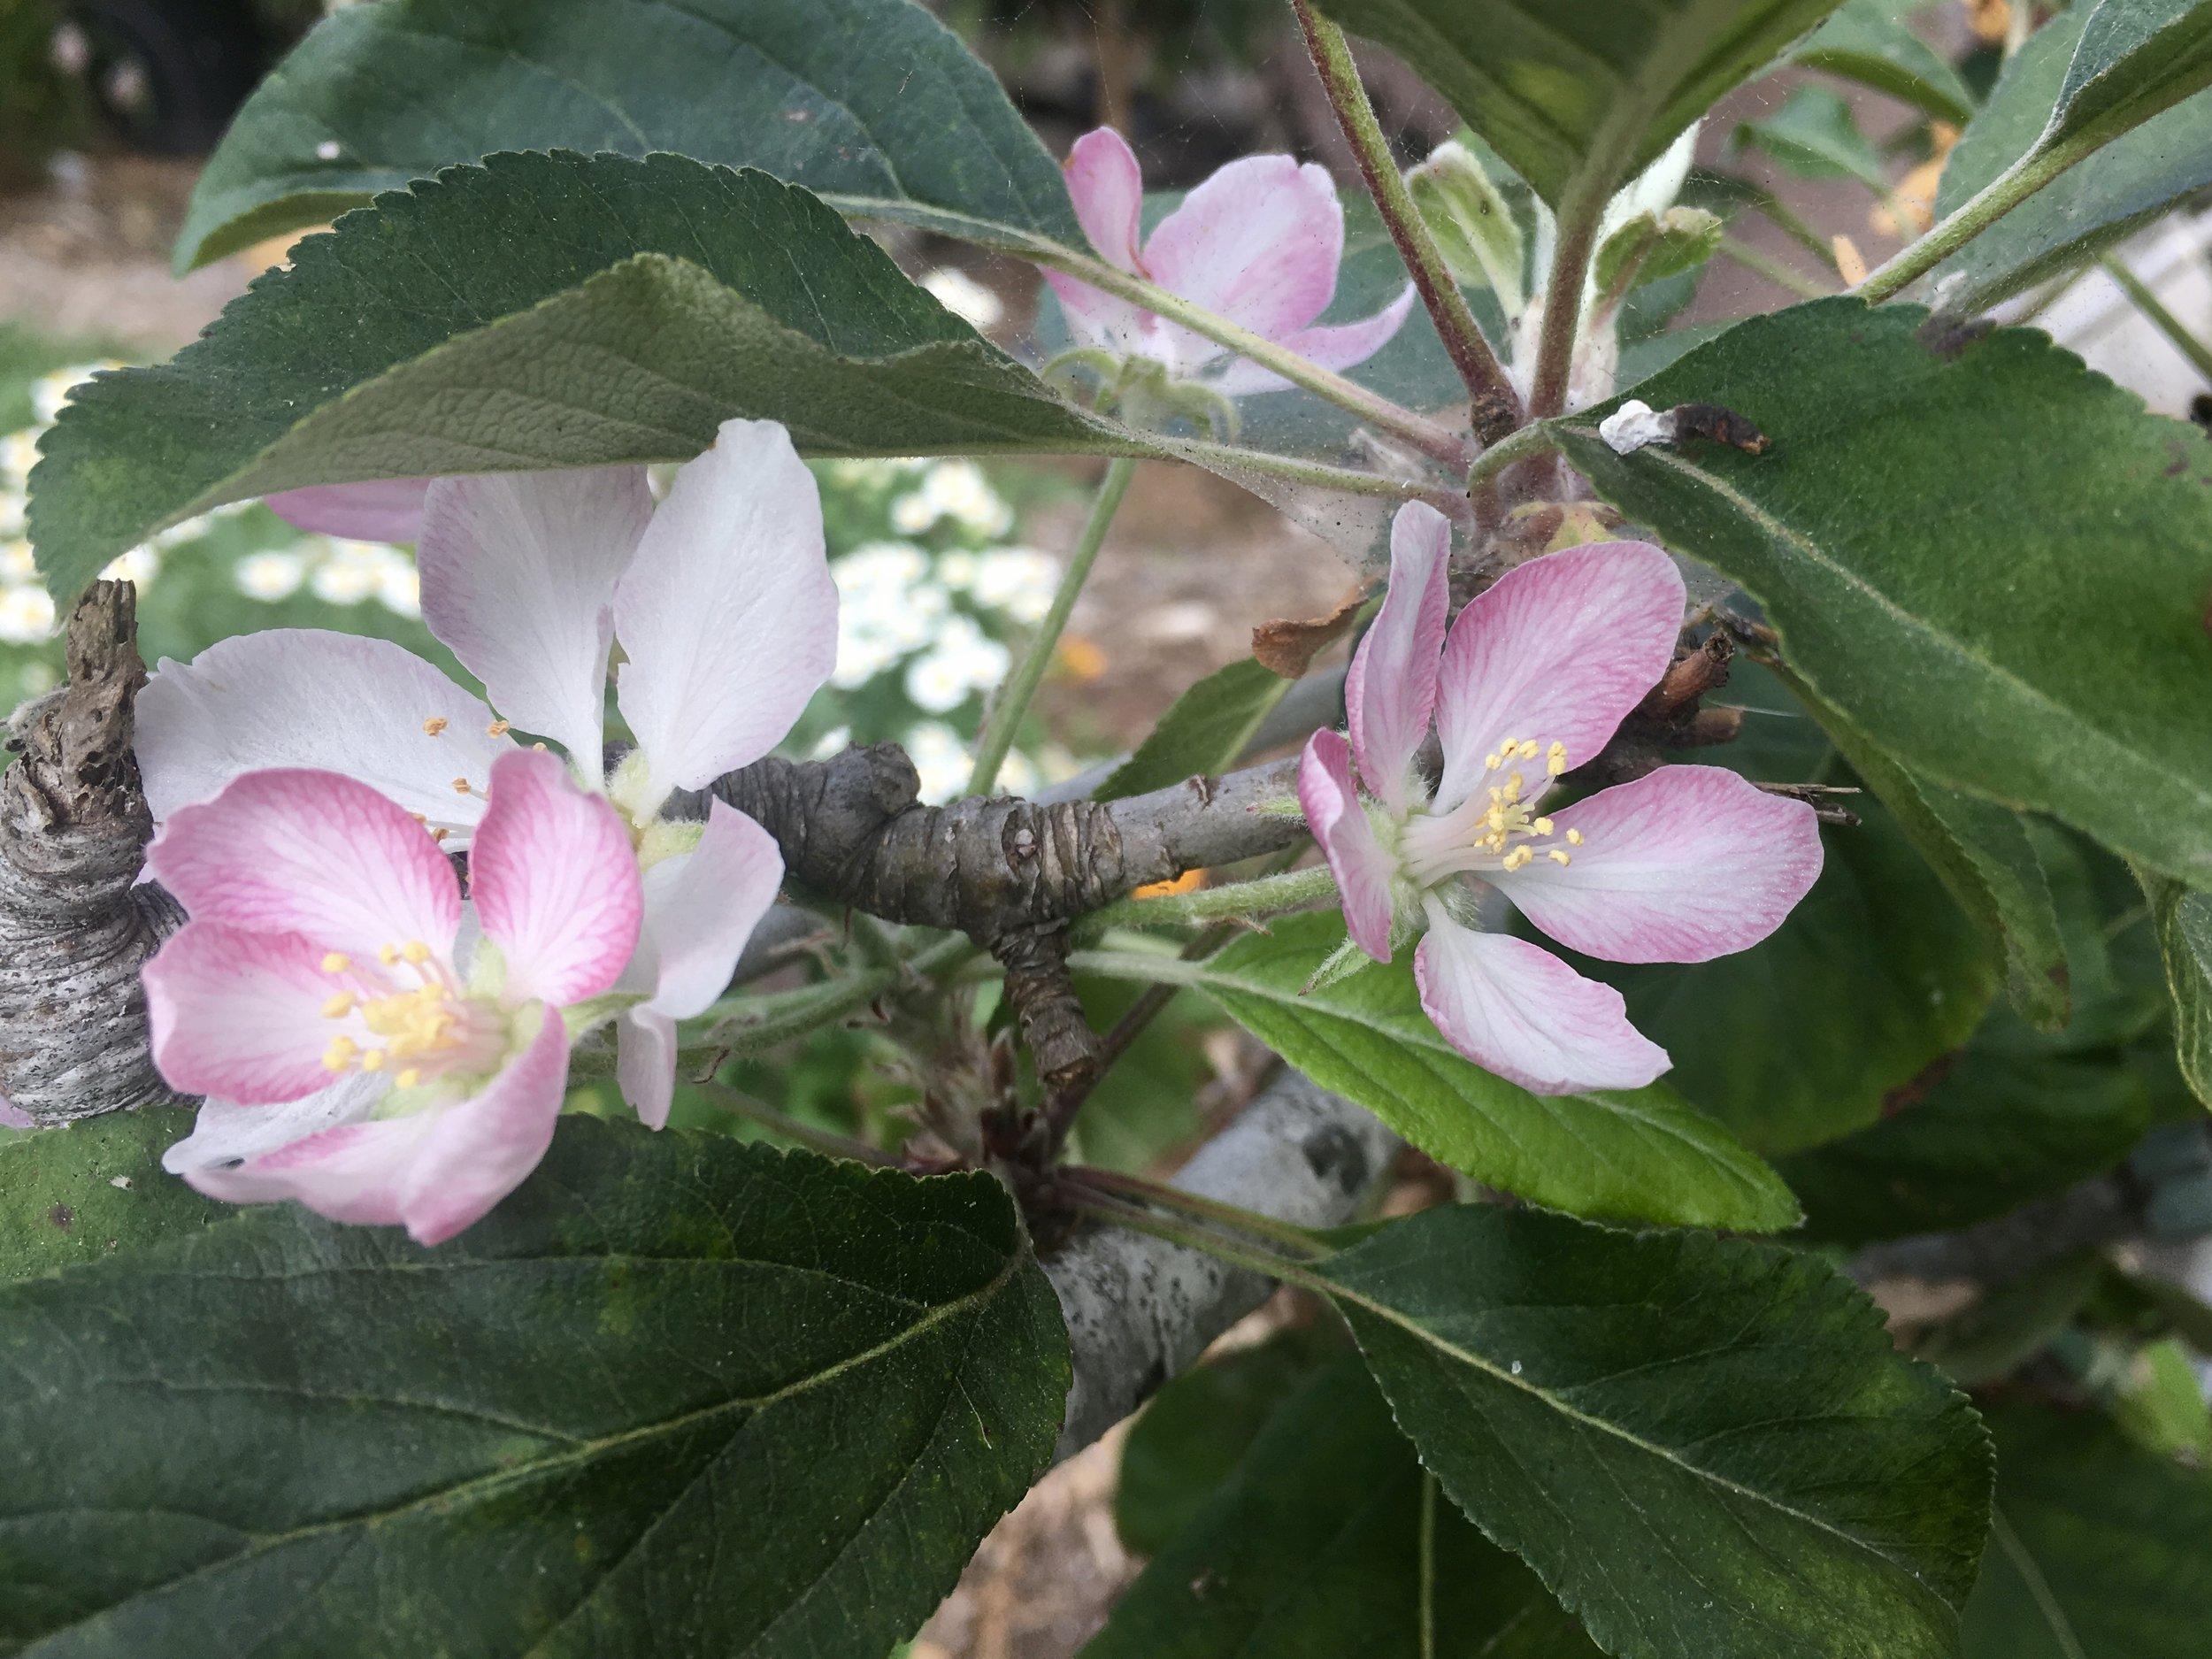 Blossoms for a second crop of 'Dorsett Golden' apples.